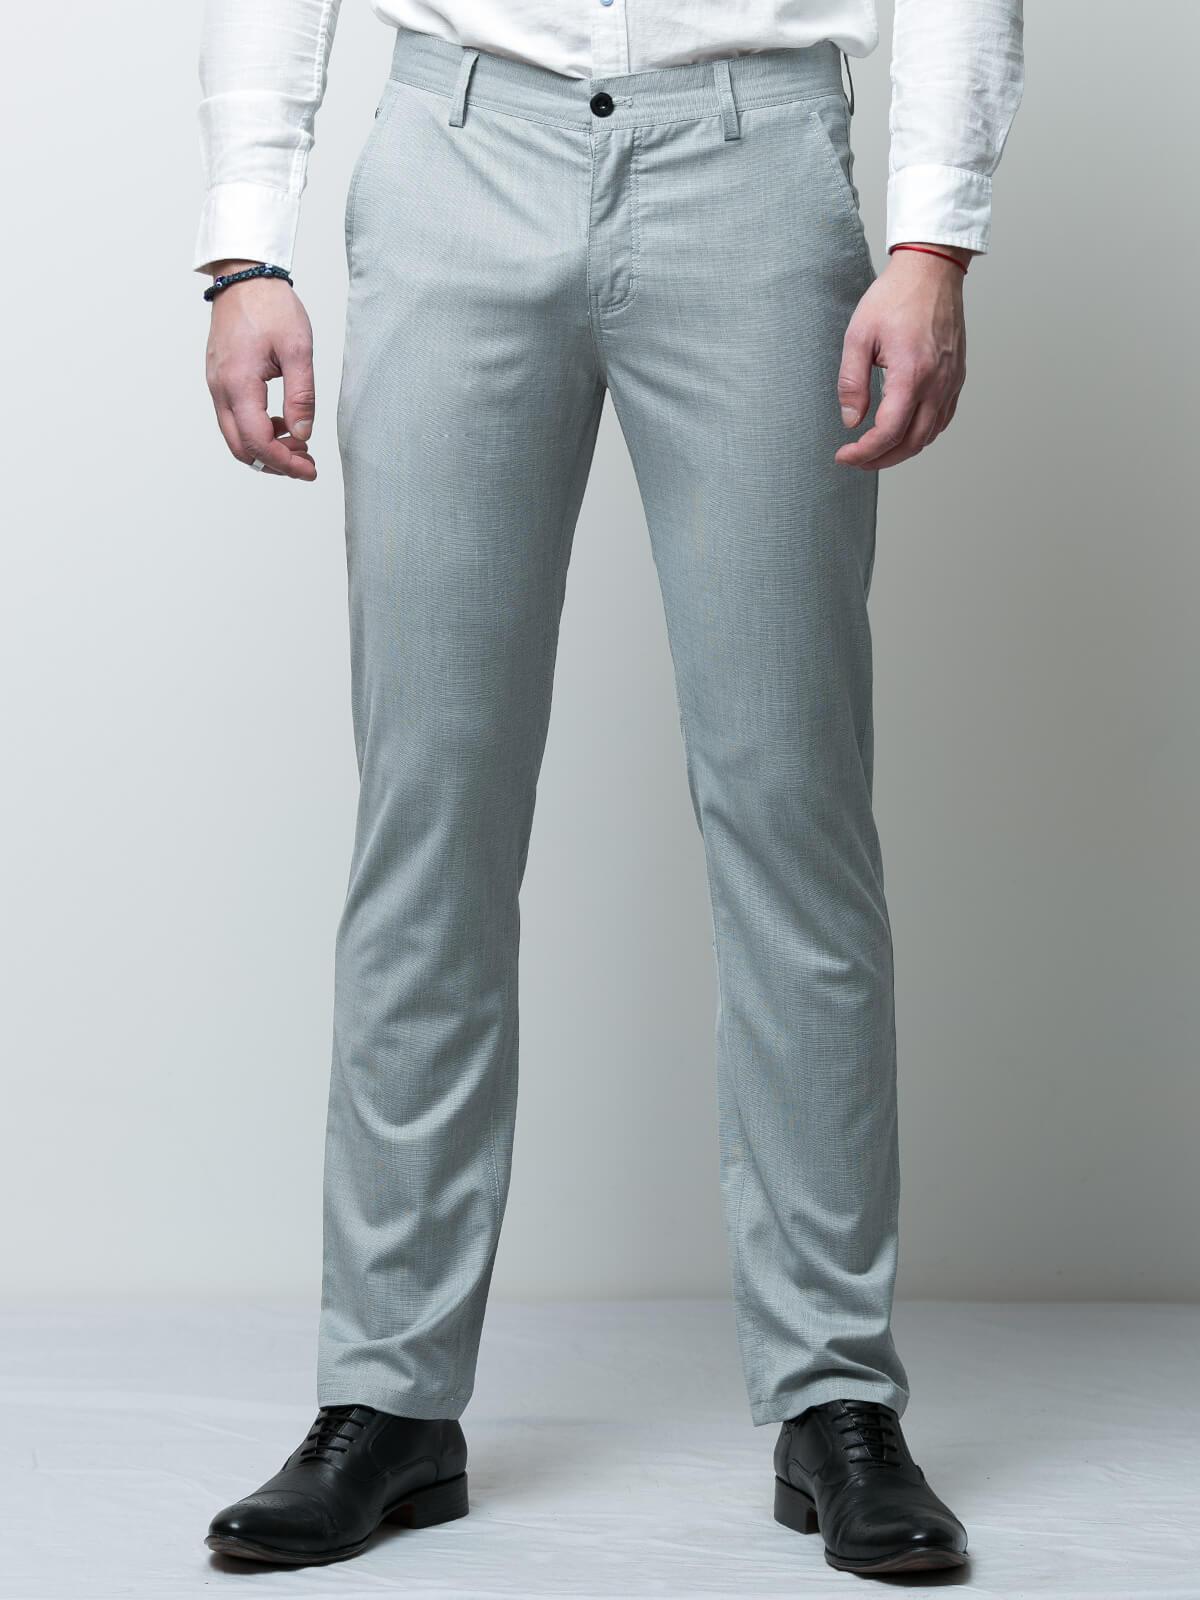 Елегантен мъжки панталон в светли тонове